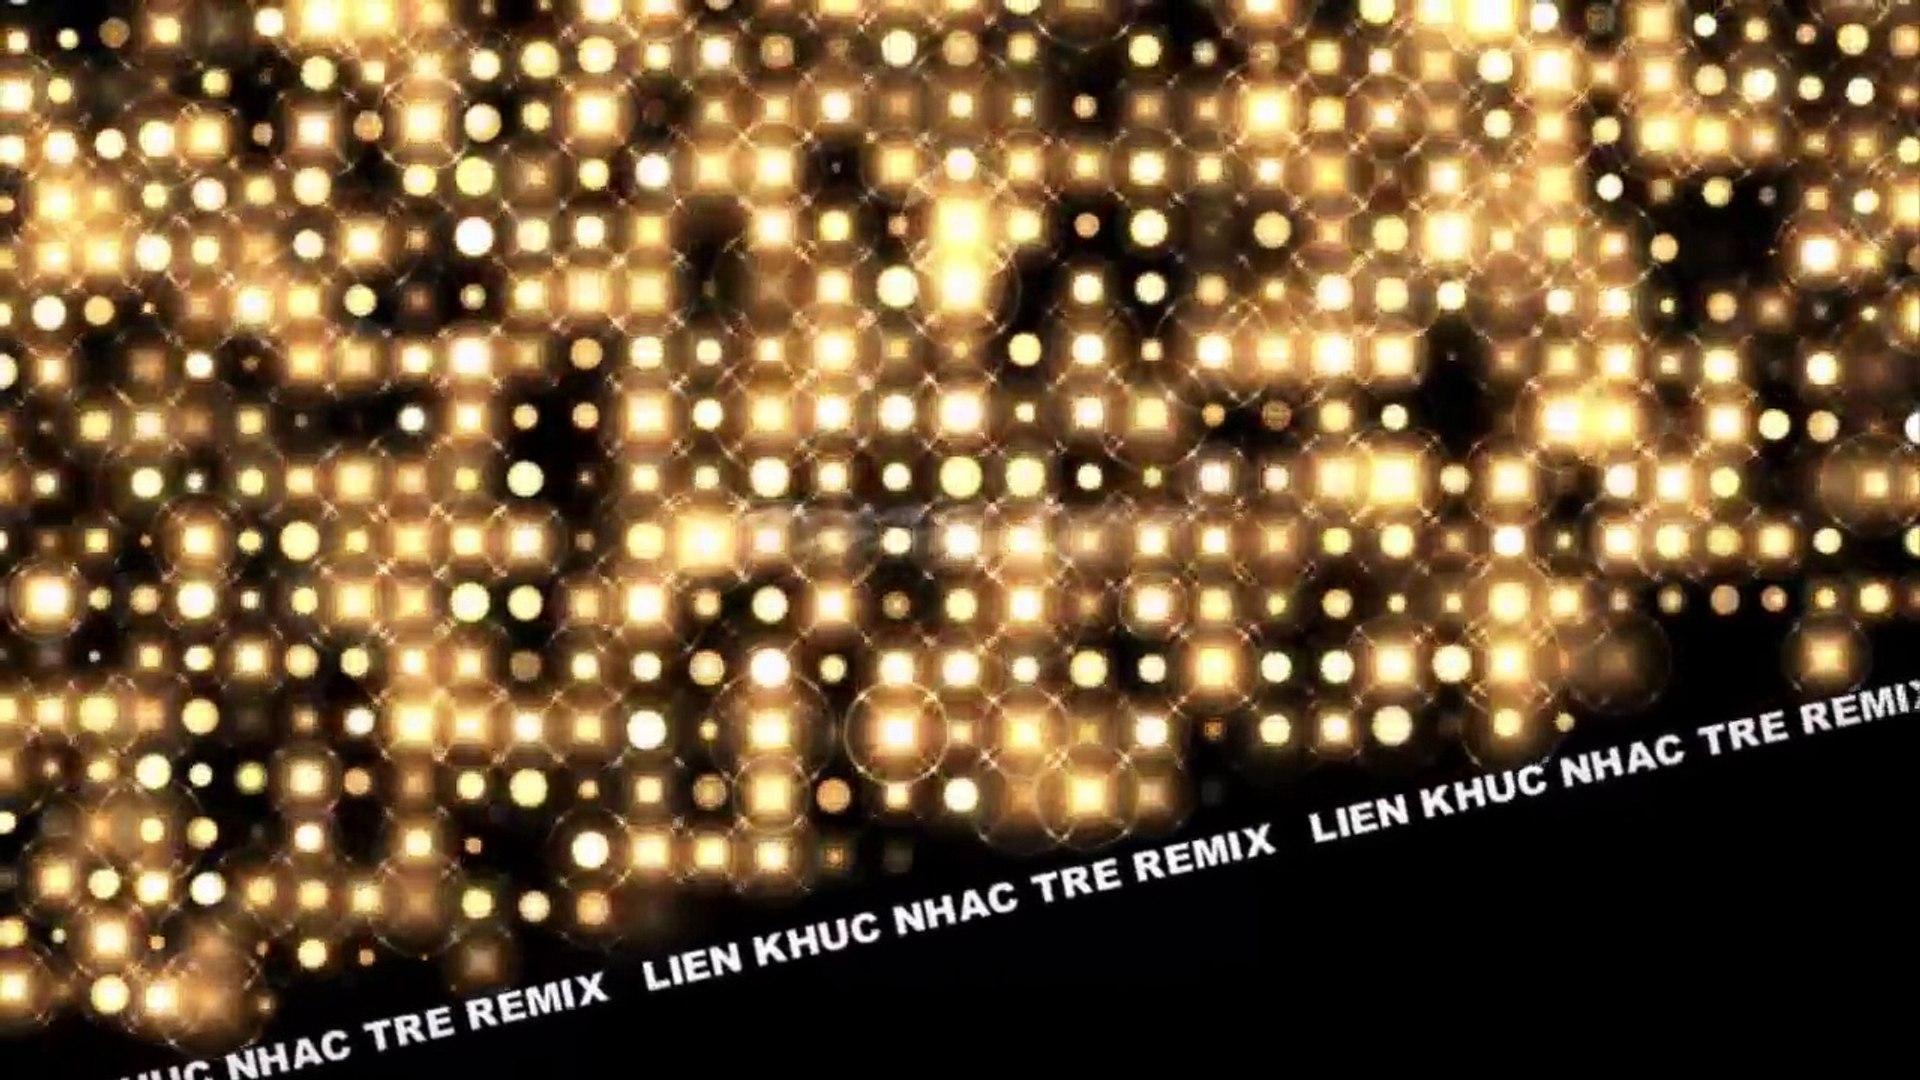 Nhạc Trẻ Gái Xinh Remix - Liên khúc nhạc remix tháng 7 - 2016 - Gái xinh lung linh NHÌN LÀ CHẢY NƯỚC